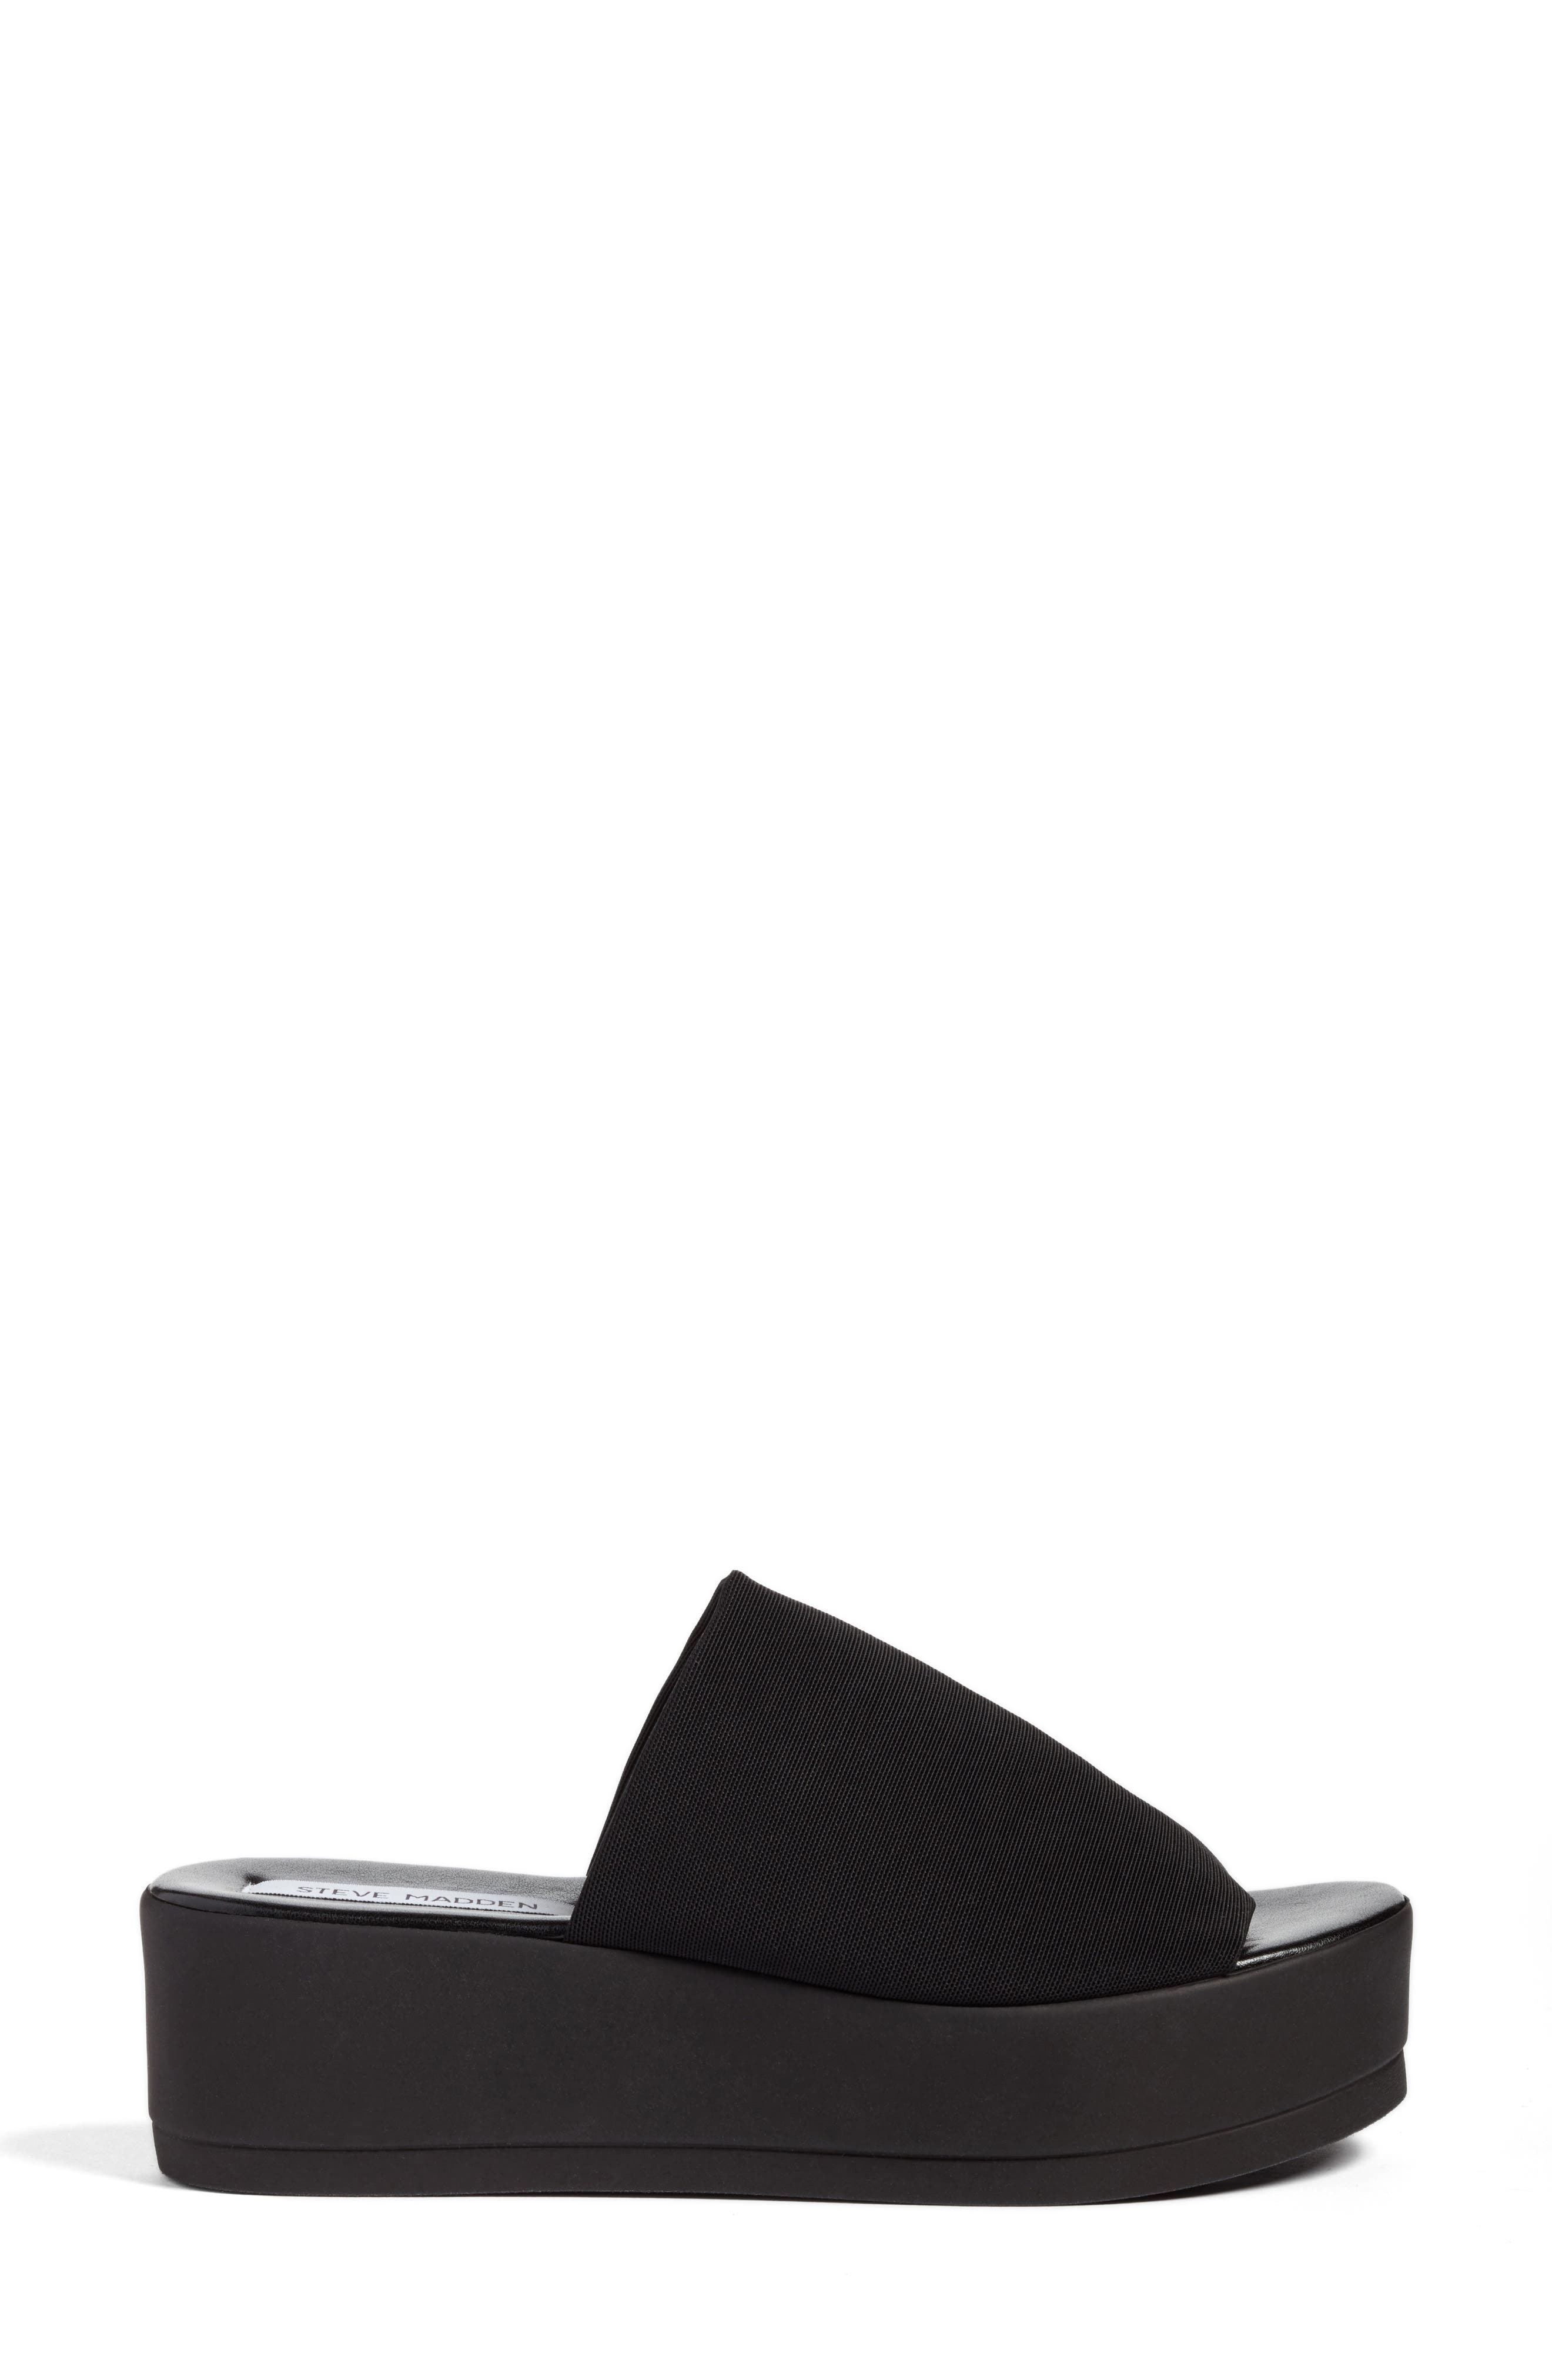 STEVE MADDEN, Slinky Platform Sandal, Alternate thumbnail 3, color, 001